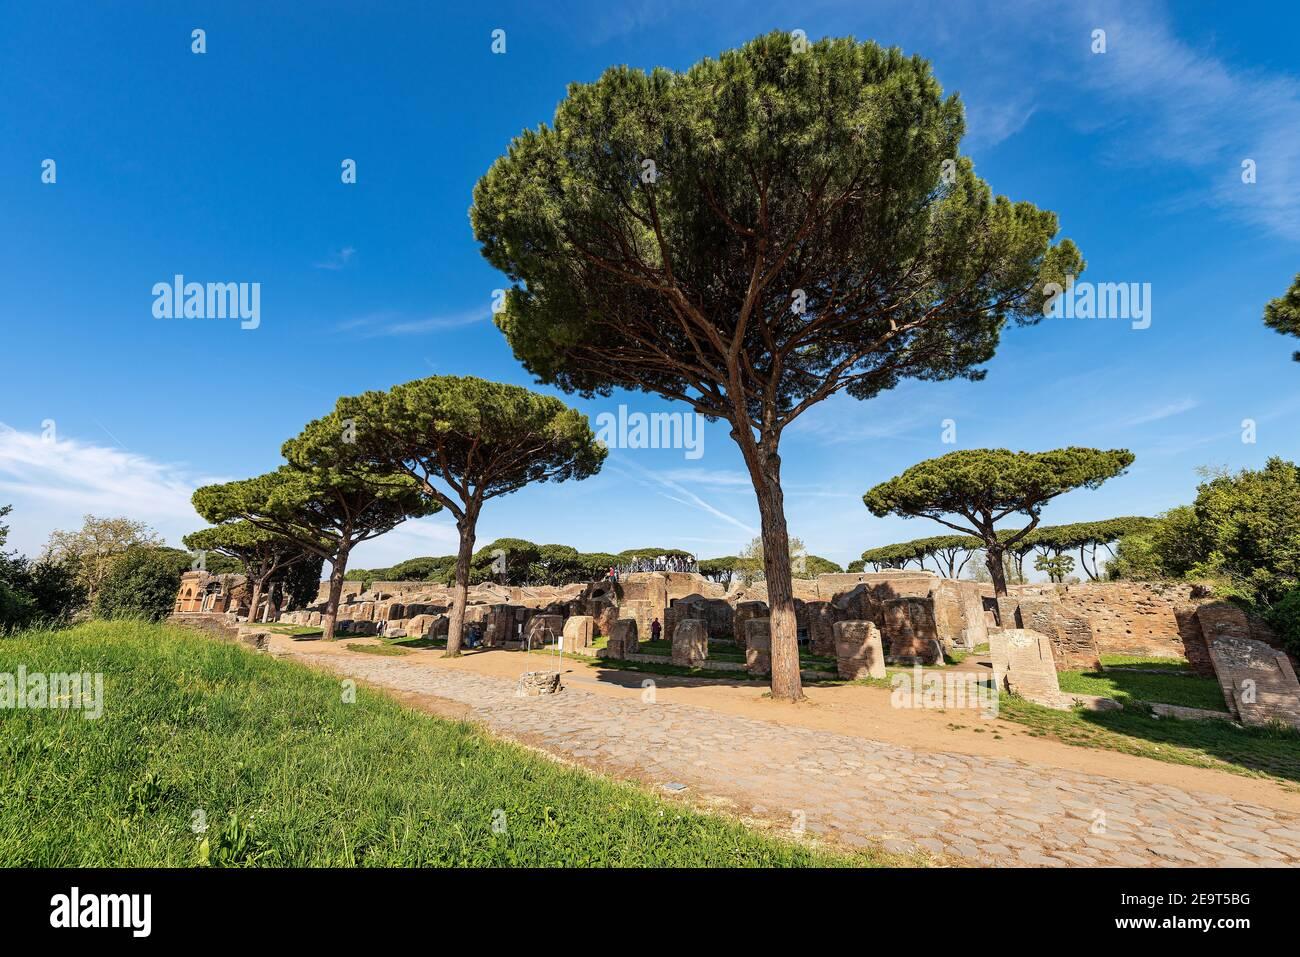 Ruinas antiguas de los edificios romanos en Ostia Antica Archeological Site, colonia fundada en el siglo VII a.C. cerca de Roma, Patrimonio de la Humanidad de la UNESCO. Foto de stock